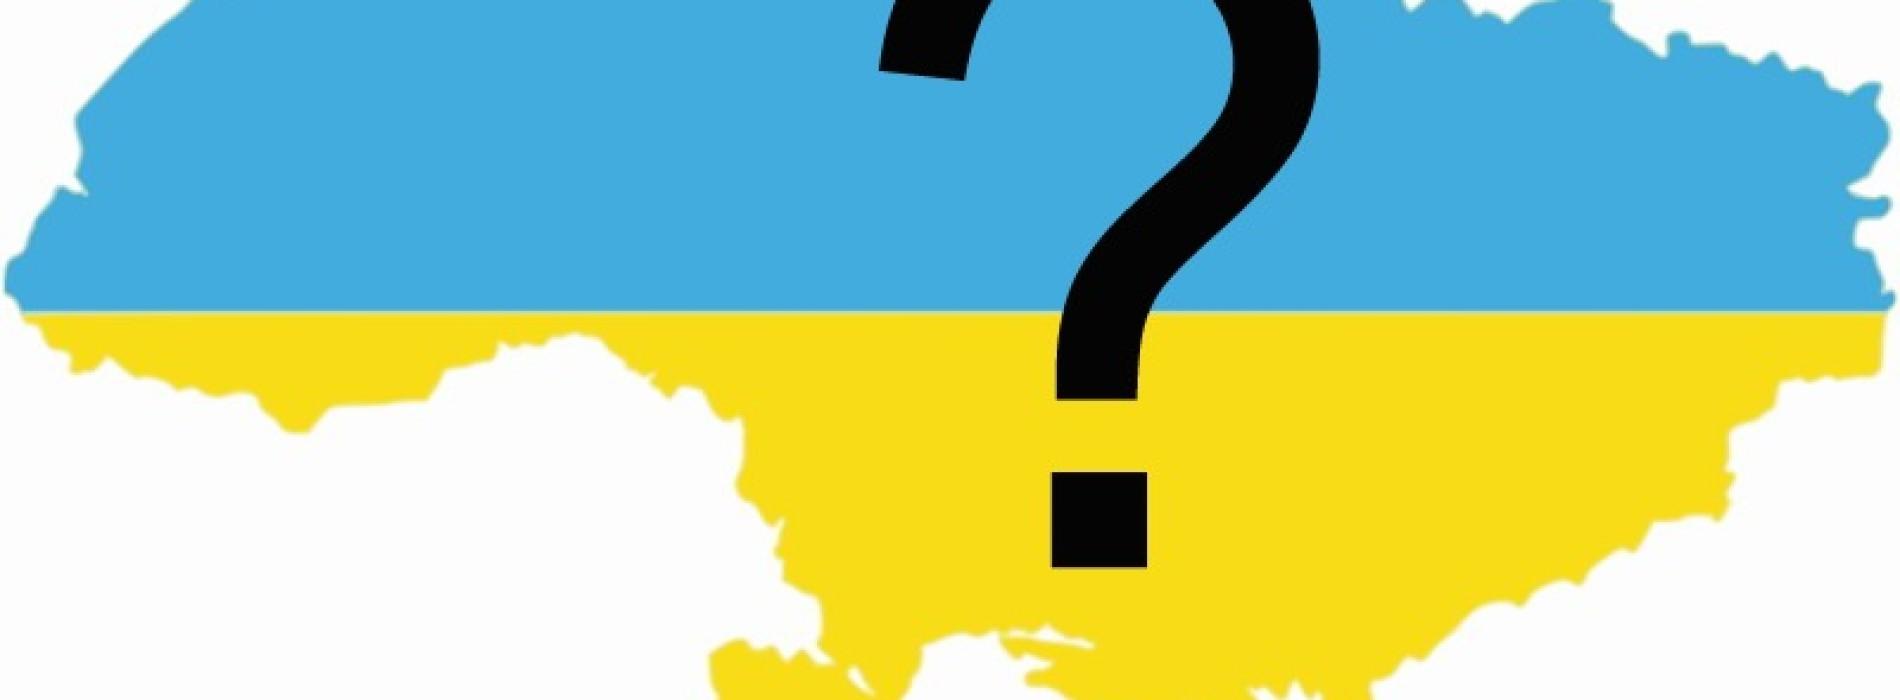 Kto inwestuje w akcje ukraińskie?